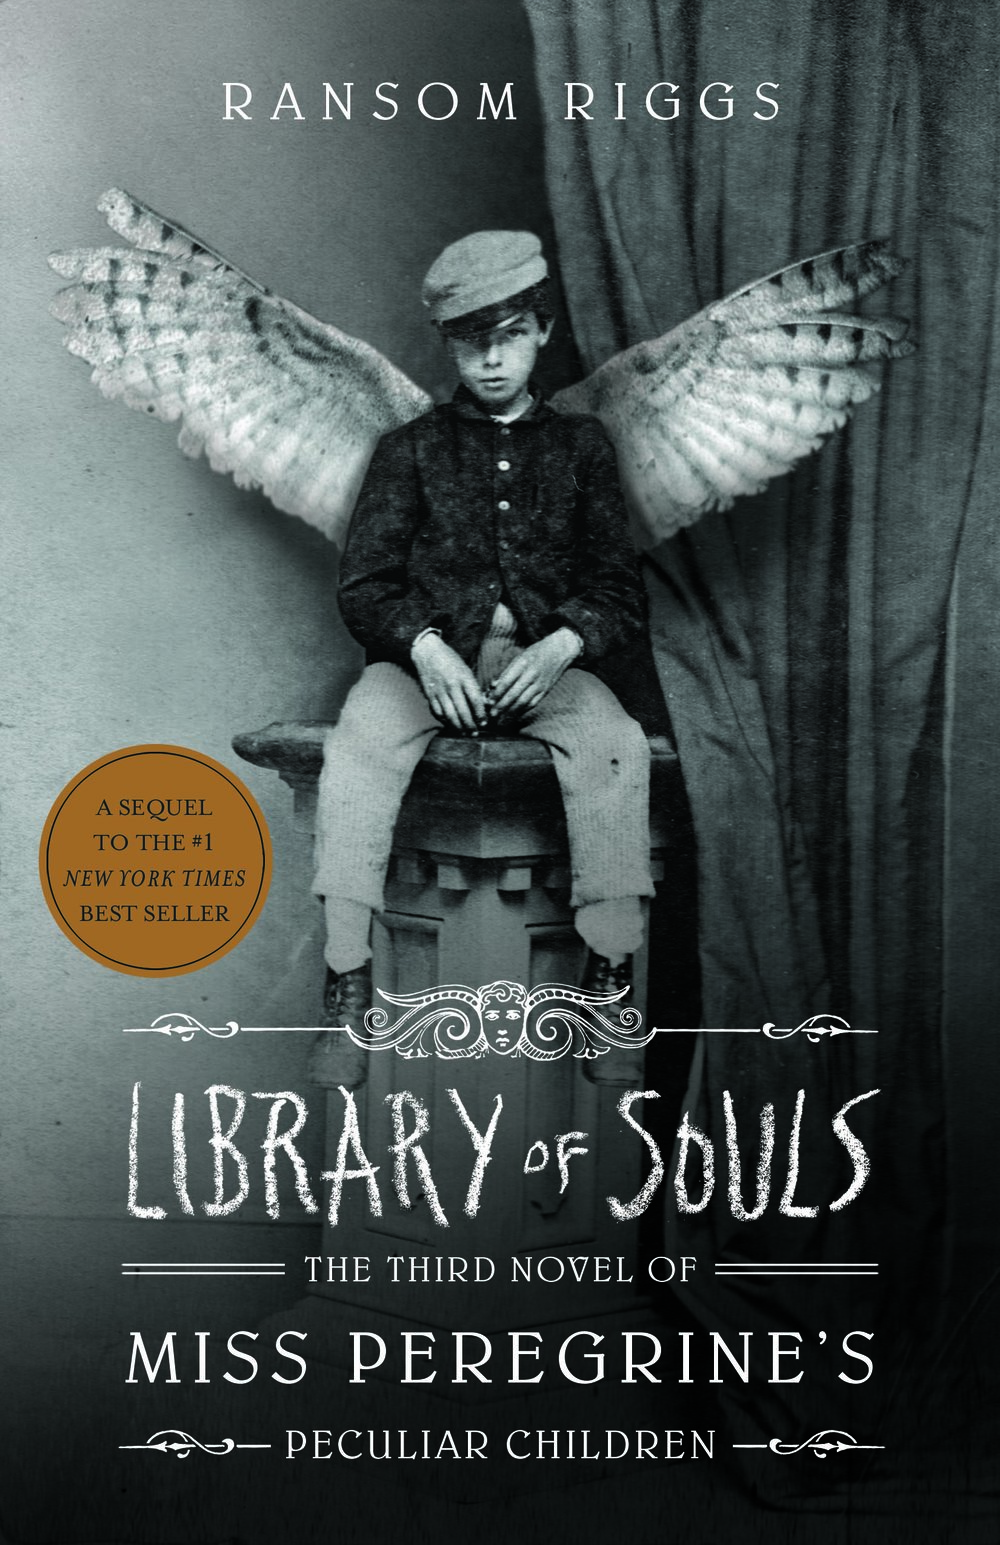 LibraryOfSouls_final_300dpi.jpg